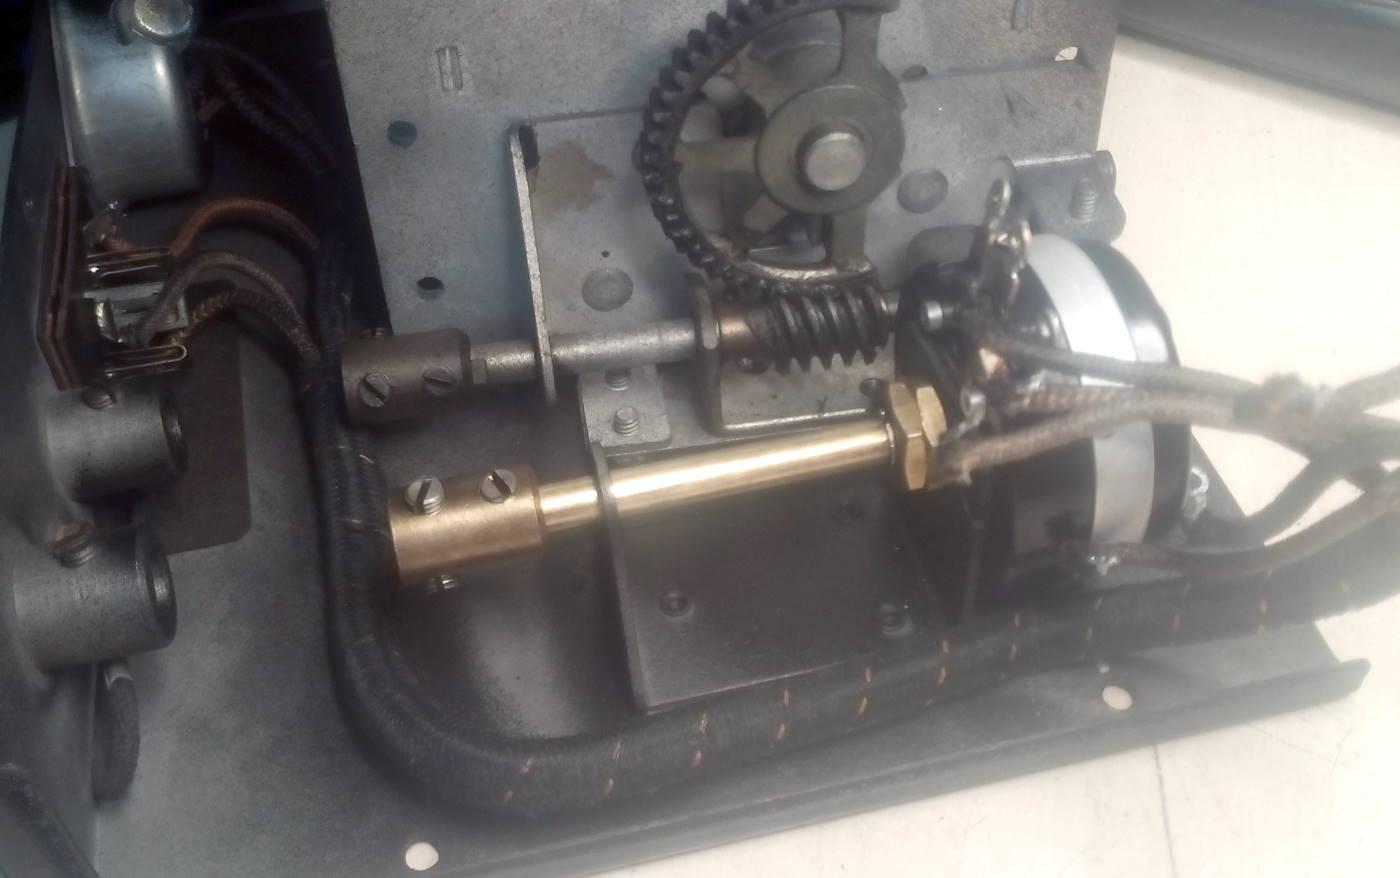 Reparación Potenciómetro radio antigua - Autoradio Philco mod 7 - pic25